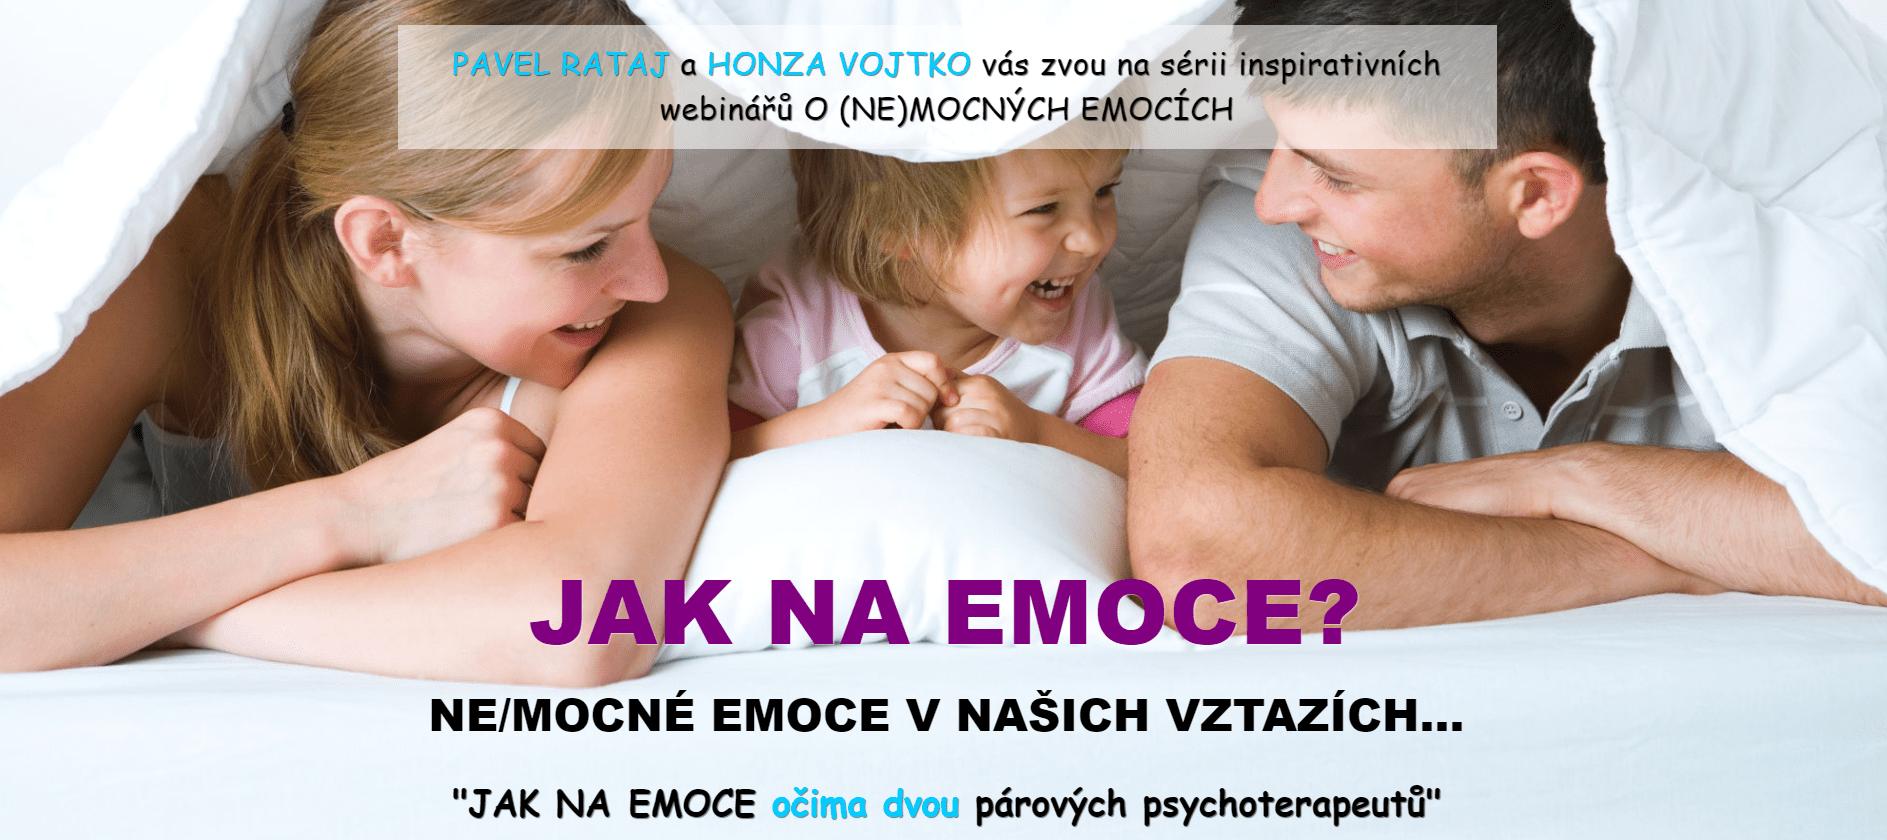 JAK NAEMOCE: Cesta ksobě - Emoční inteligence a5 základních úrovní - Pavel Rataj aHonza Vojtko